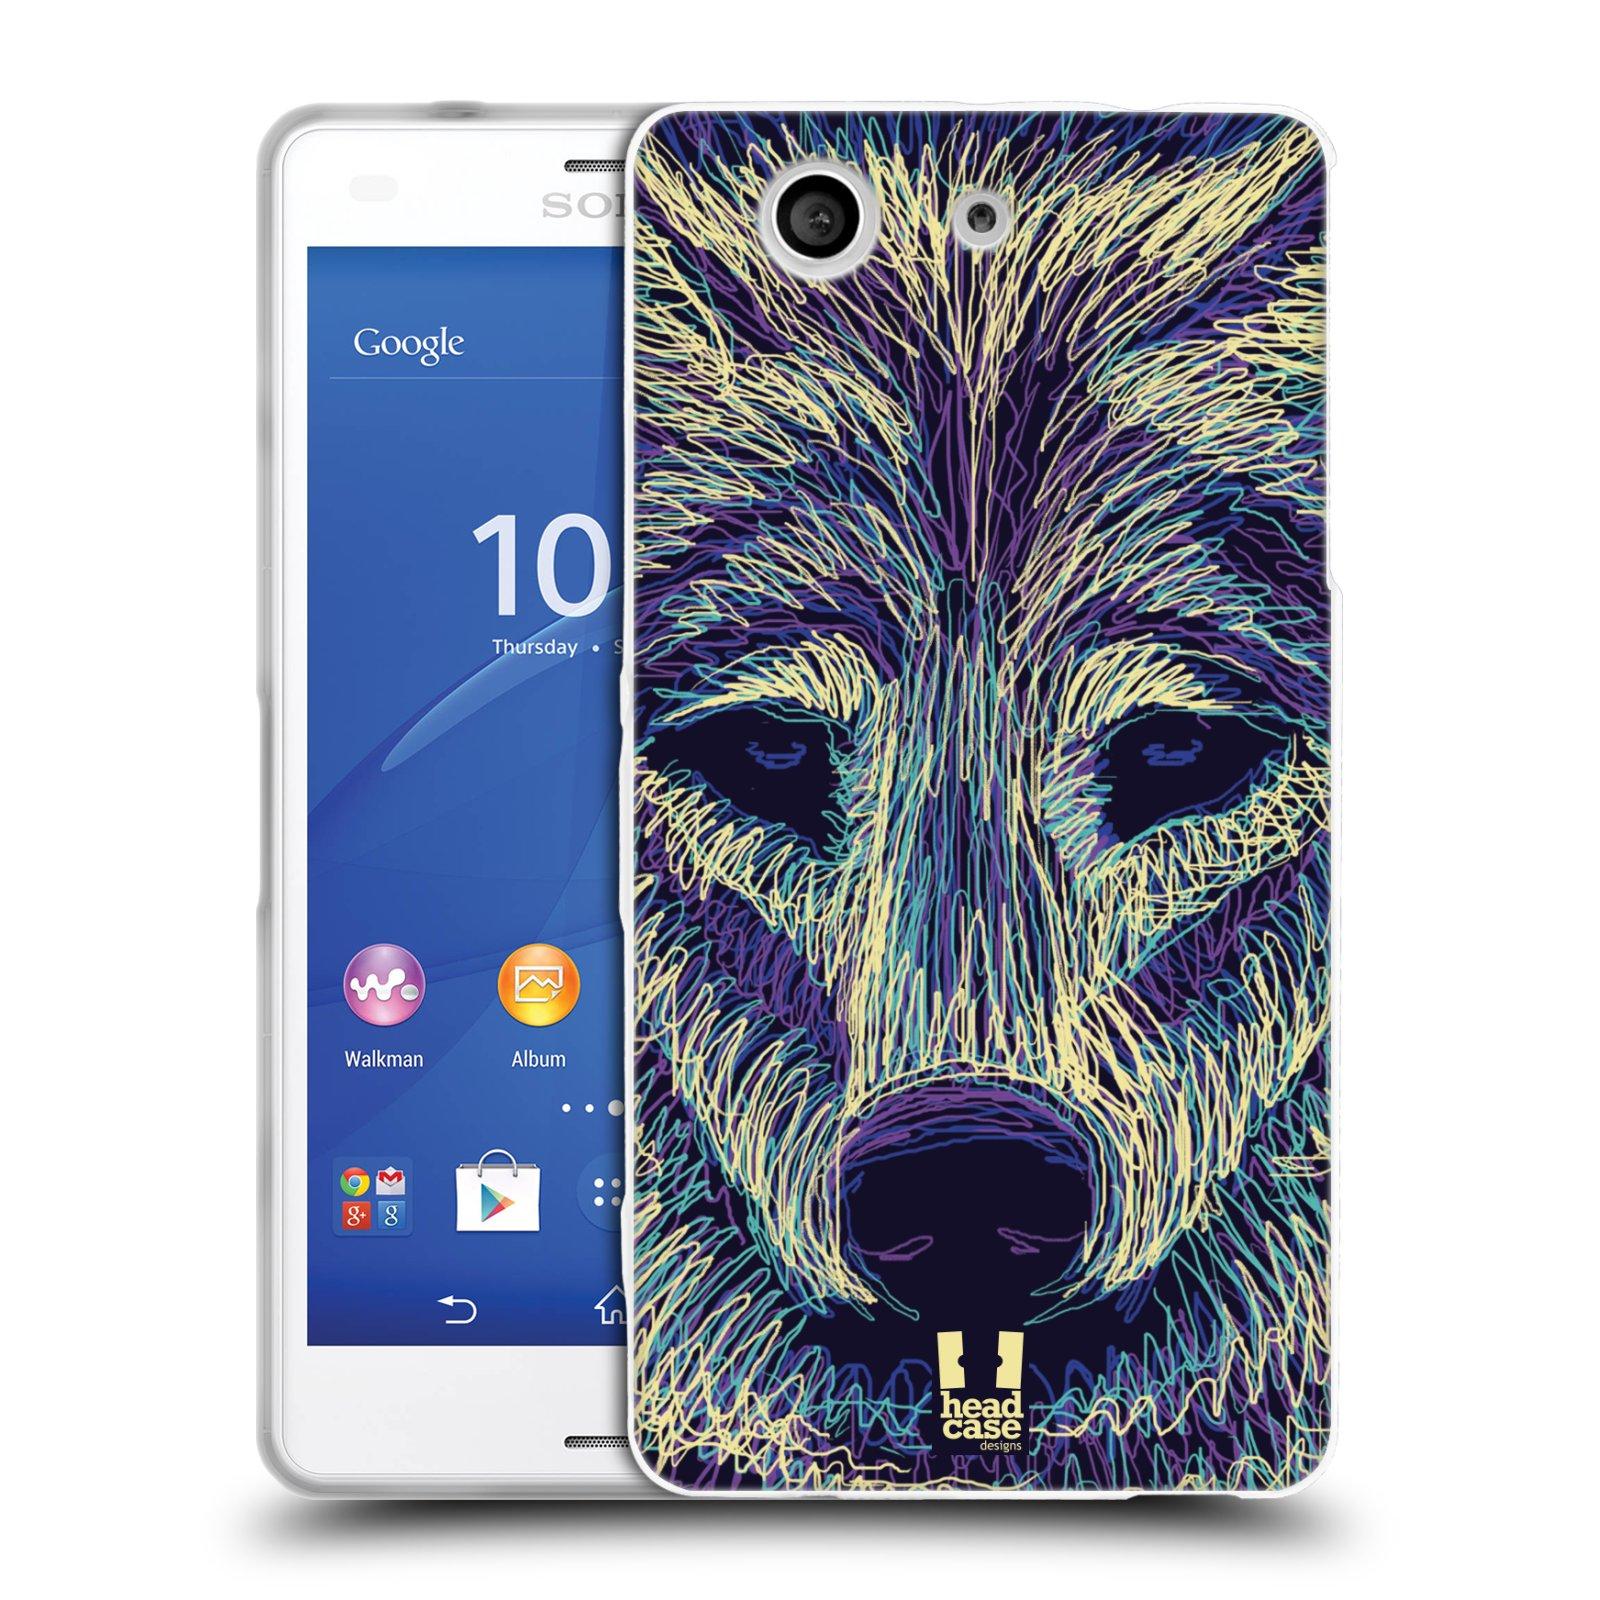 HEAD CASE silikonový obal na mobil Sony Xperia Z3 COMPACT (D5803) vzor zvíře čmáranice vlk